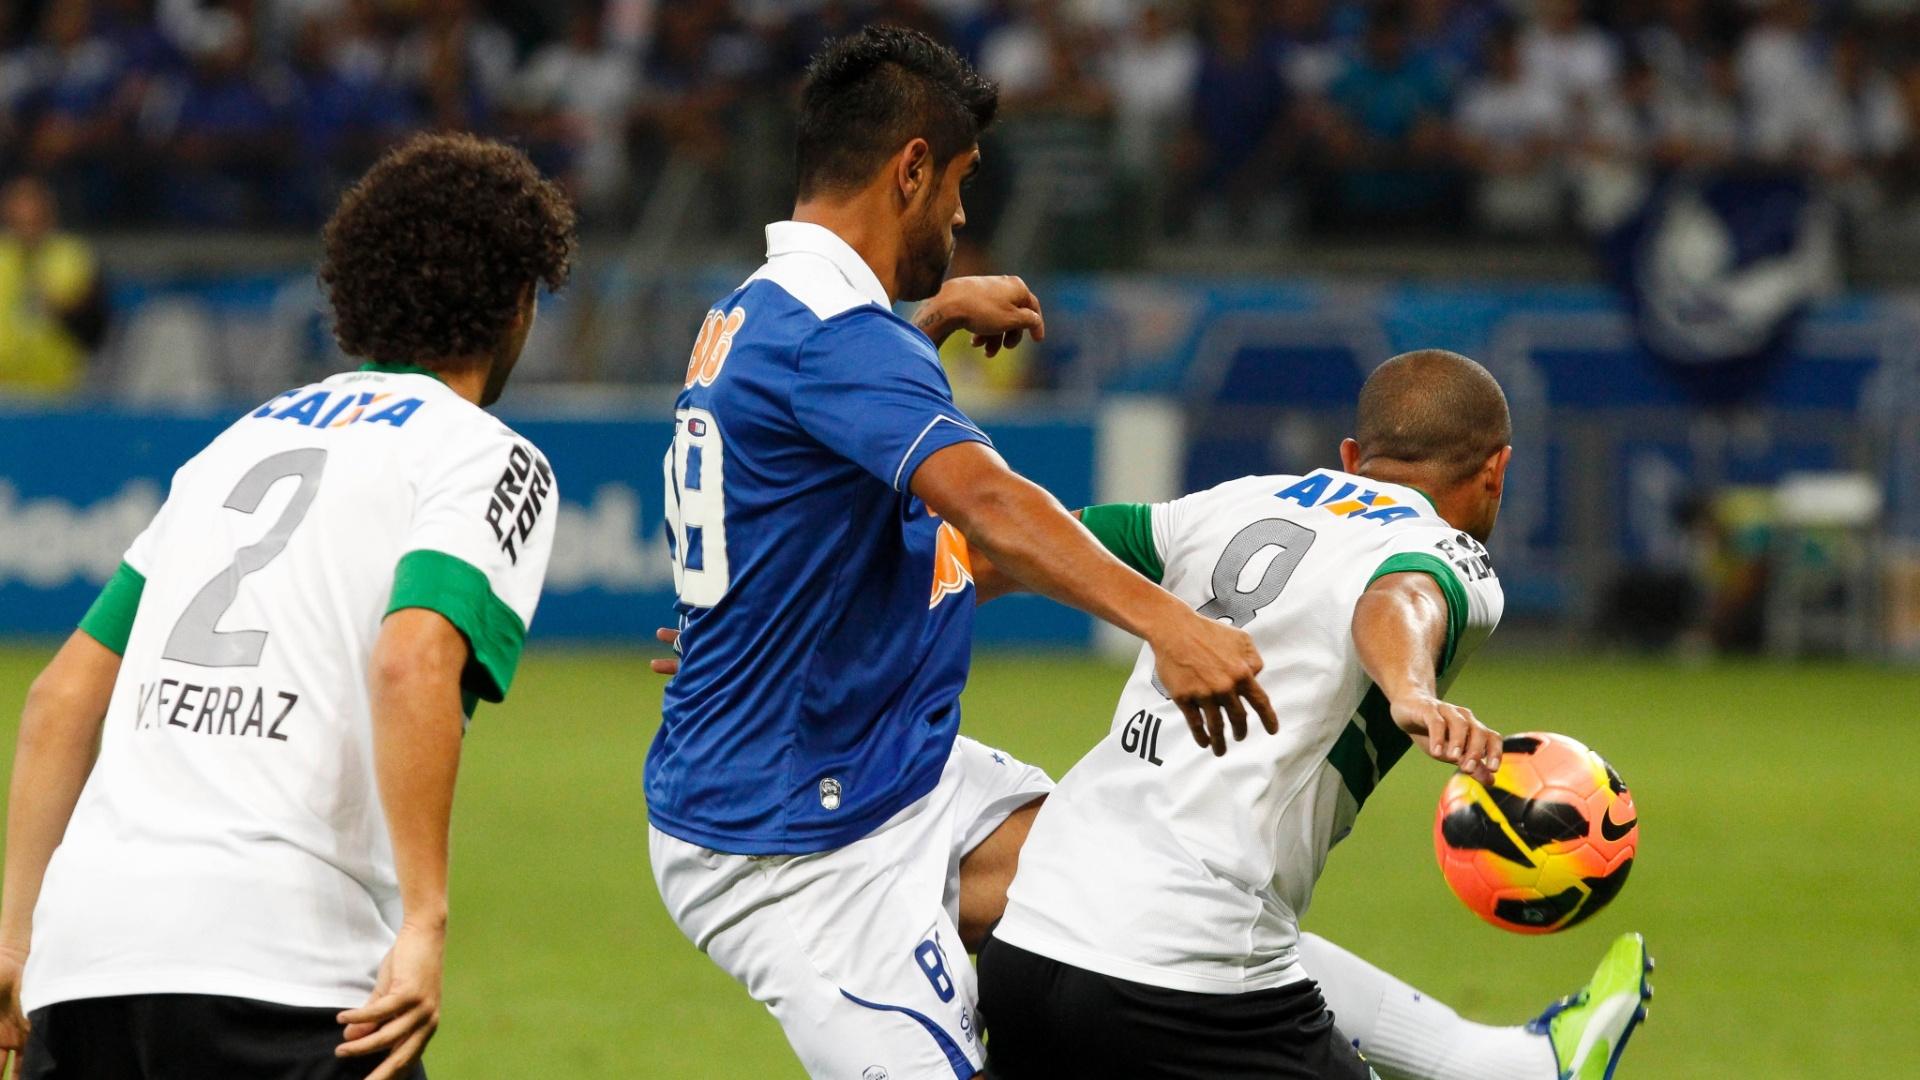 Luan, do Cruzeiro, disputa pela bola com Gil do Coritiba em jogo da 11ª rodada do Brasileiro